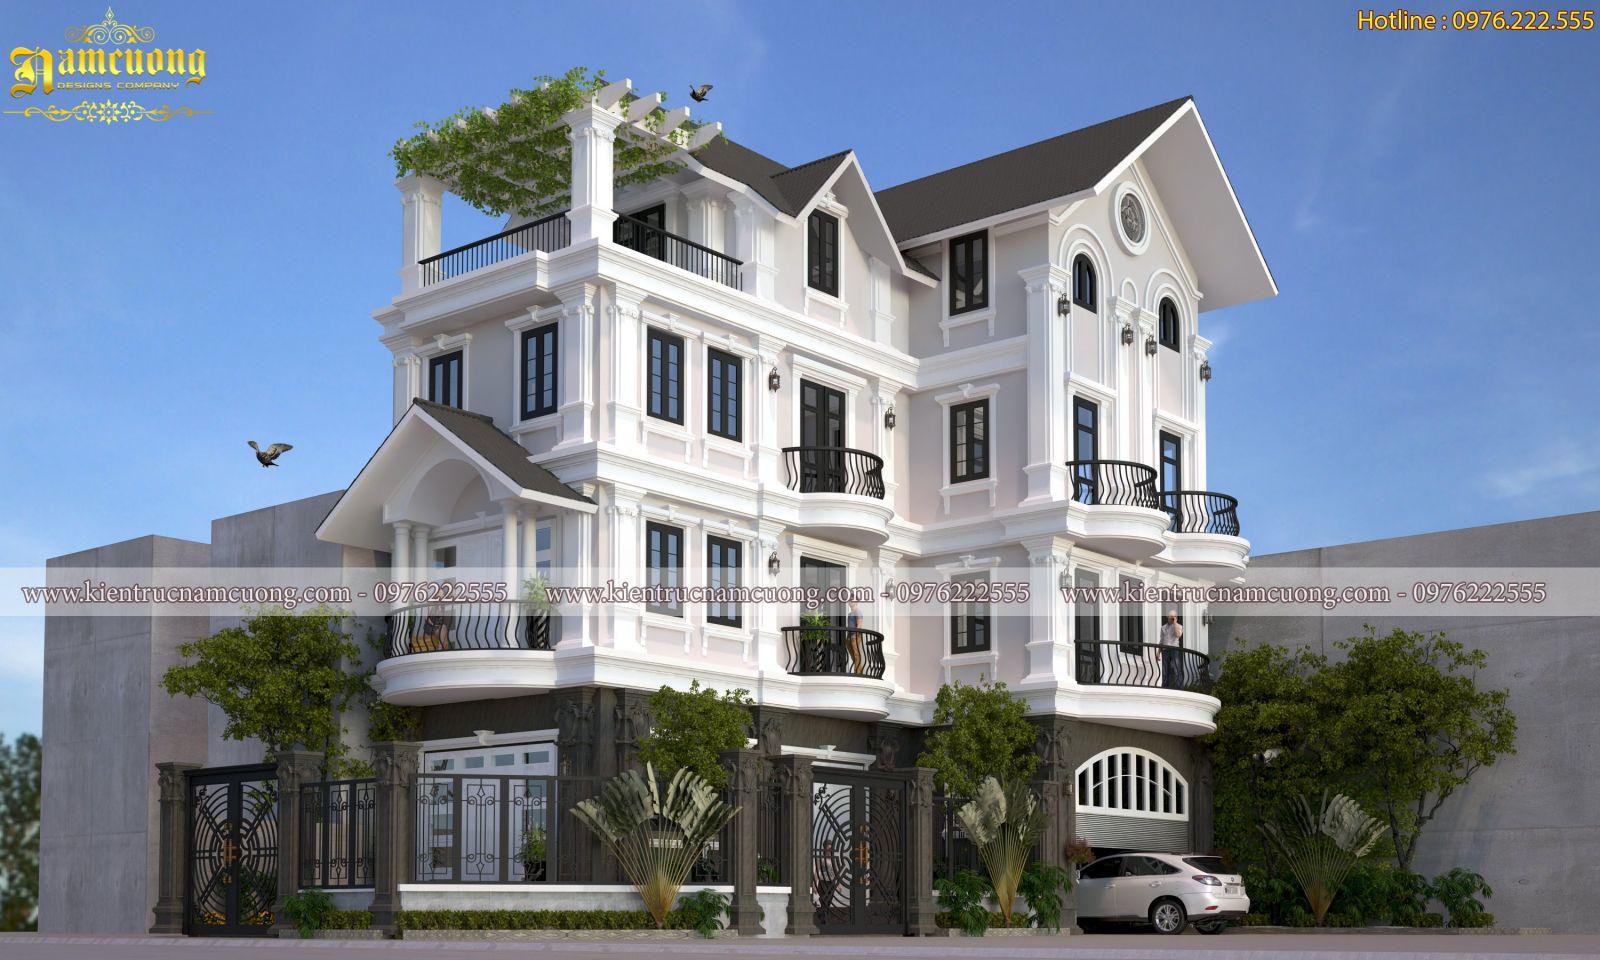 Thiết kế biệt thự tân cổ điển 4 tầng tại Hà Nội - BTCD 040